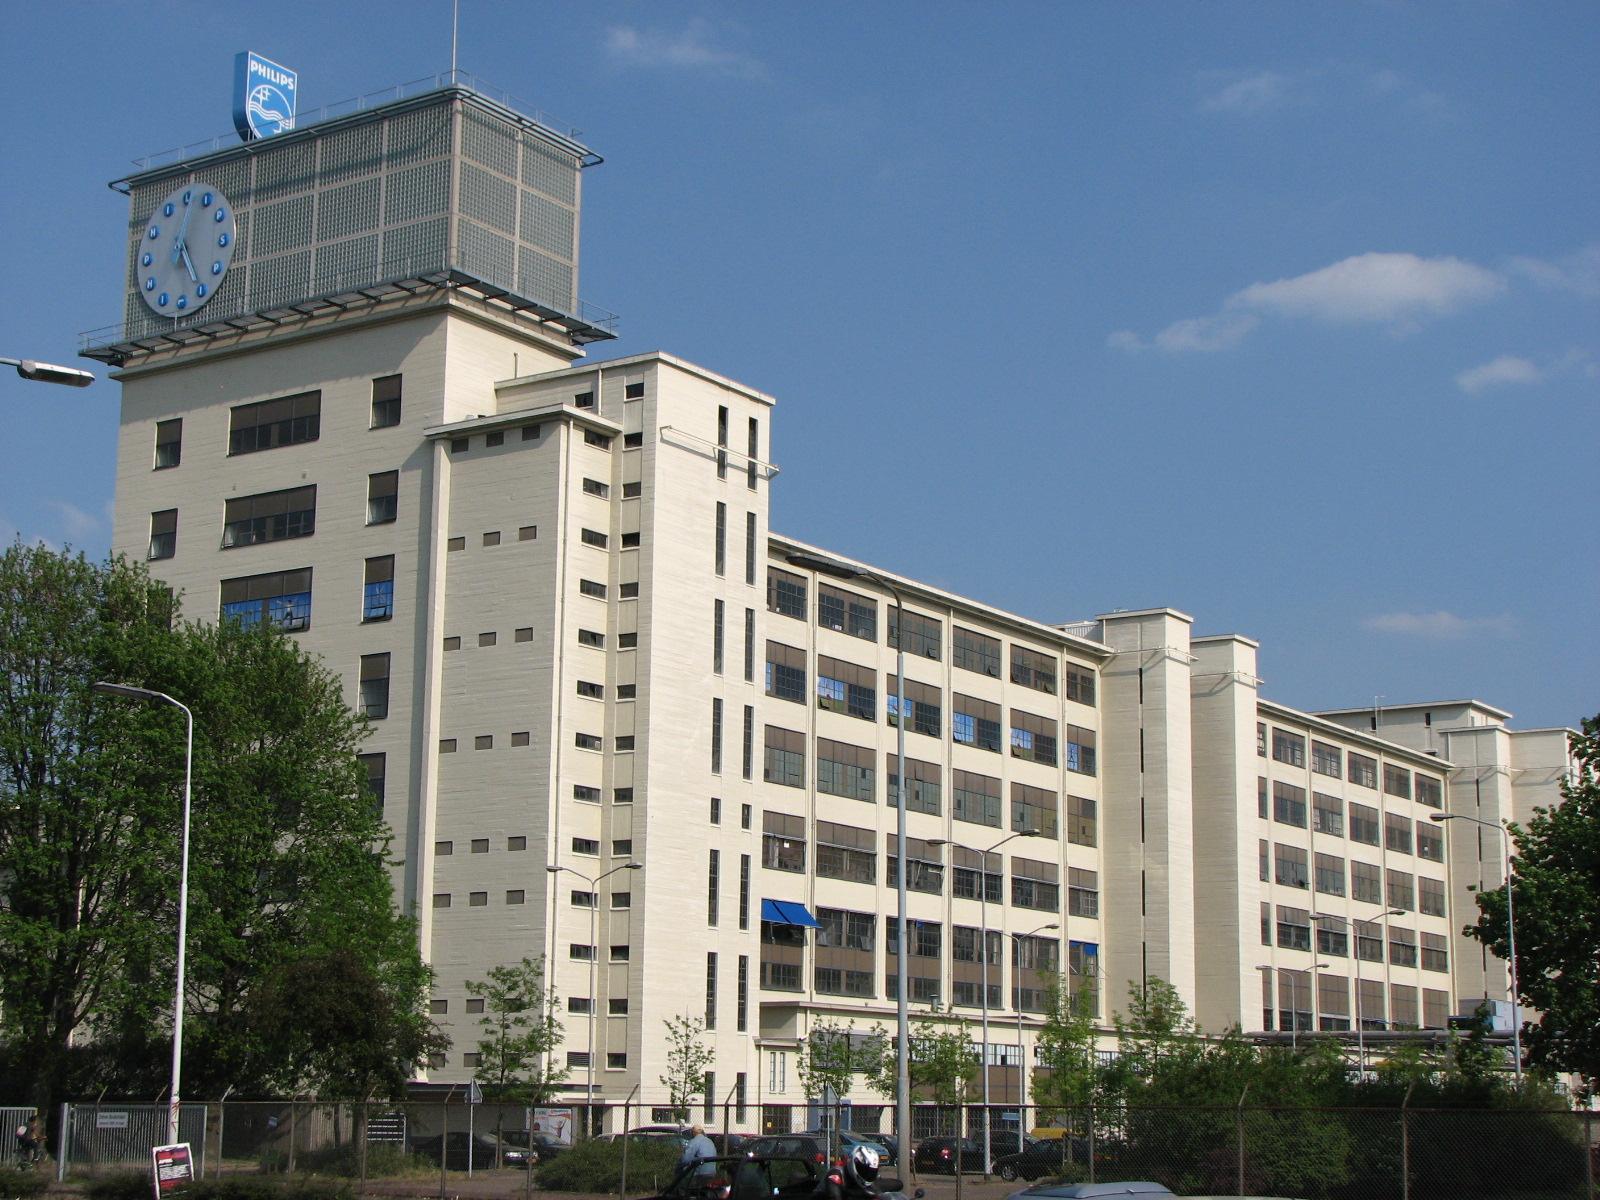 Klokgebouw Strijp-S Eindhoven